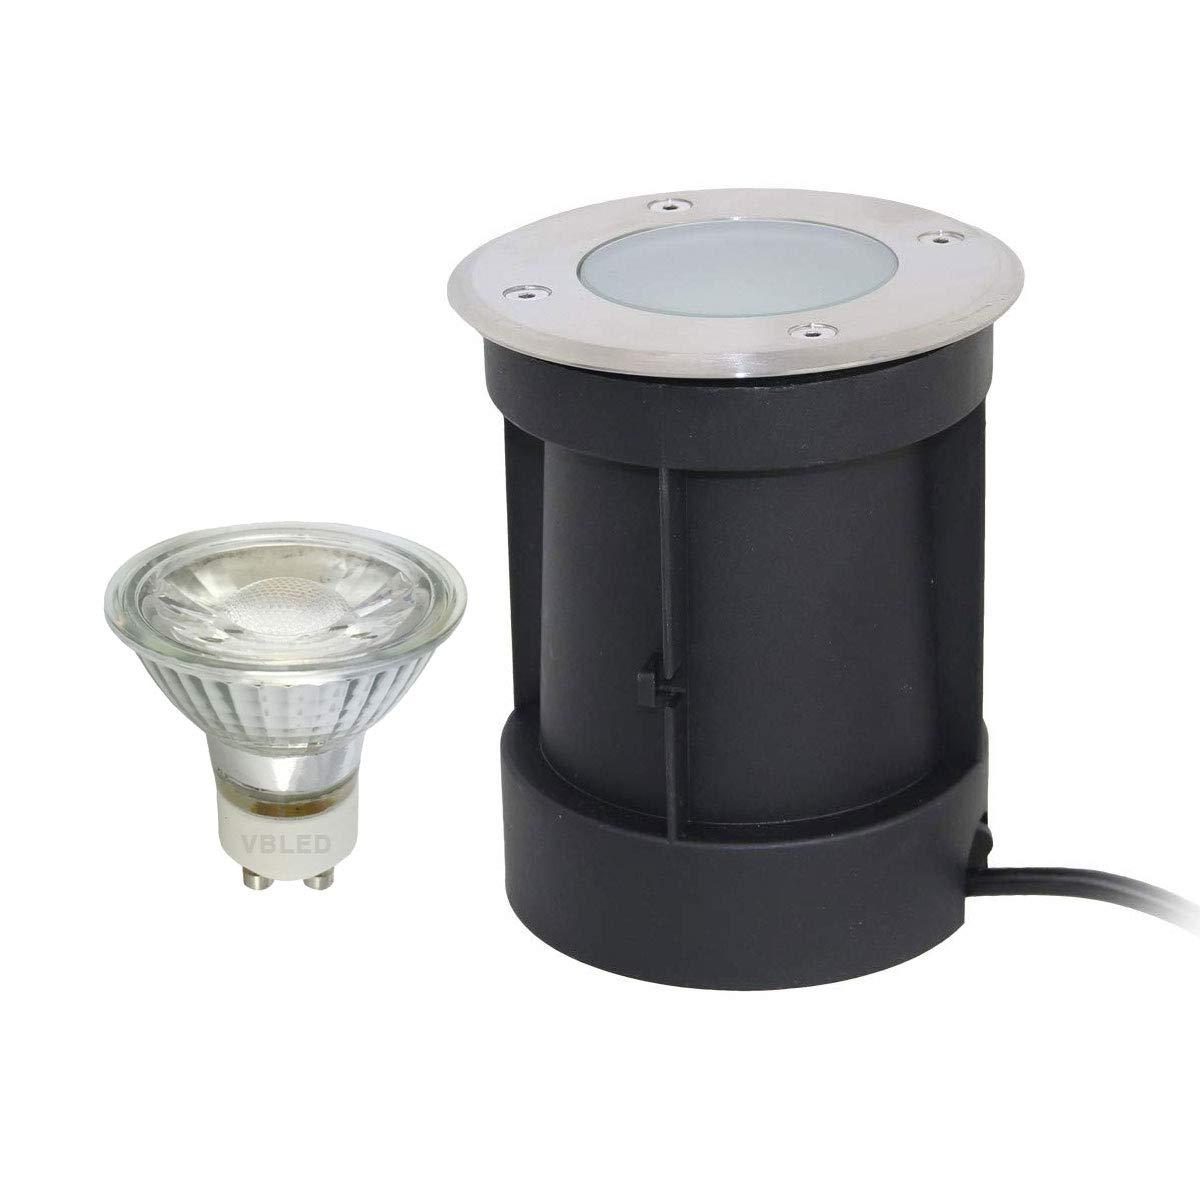 GU10 VBLED Foco LED empotrable en el suelo con casquillo orientable con bombilla de 5,5 W//resistente /ángulo de 60 /° IP65